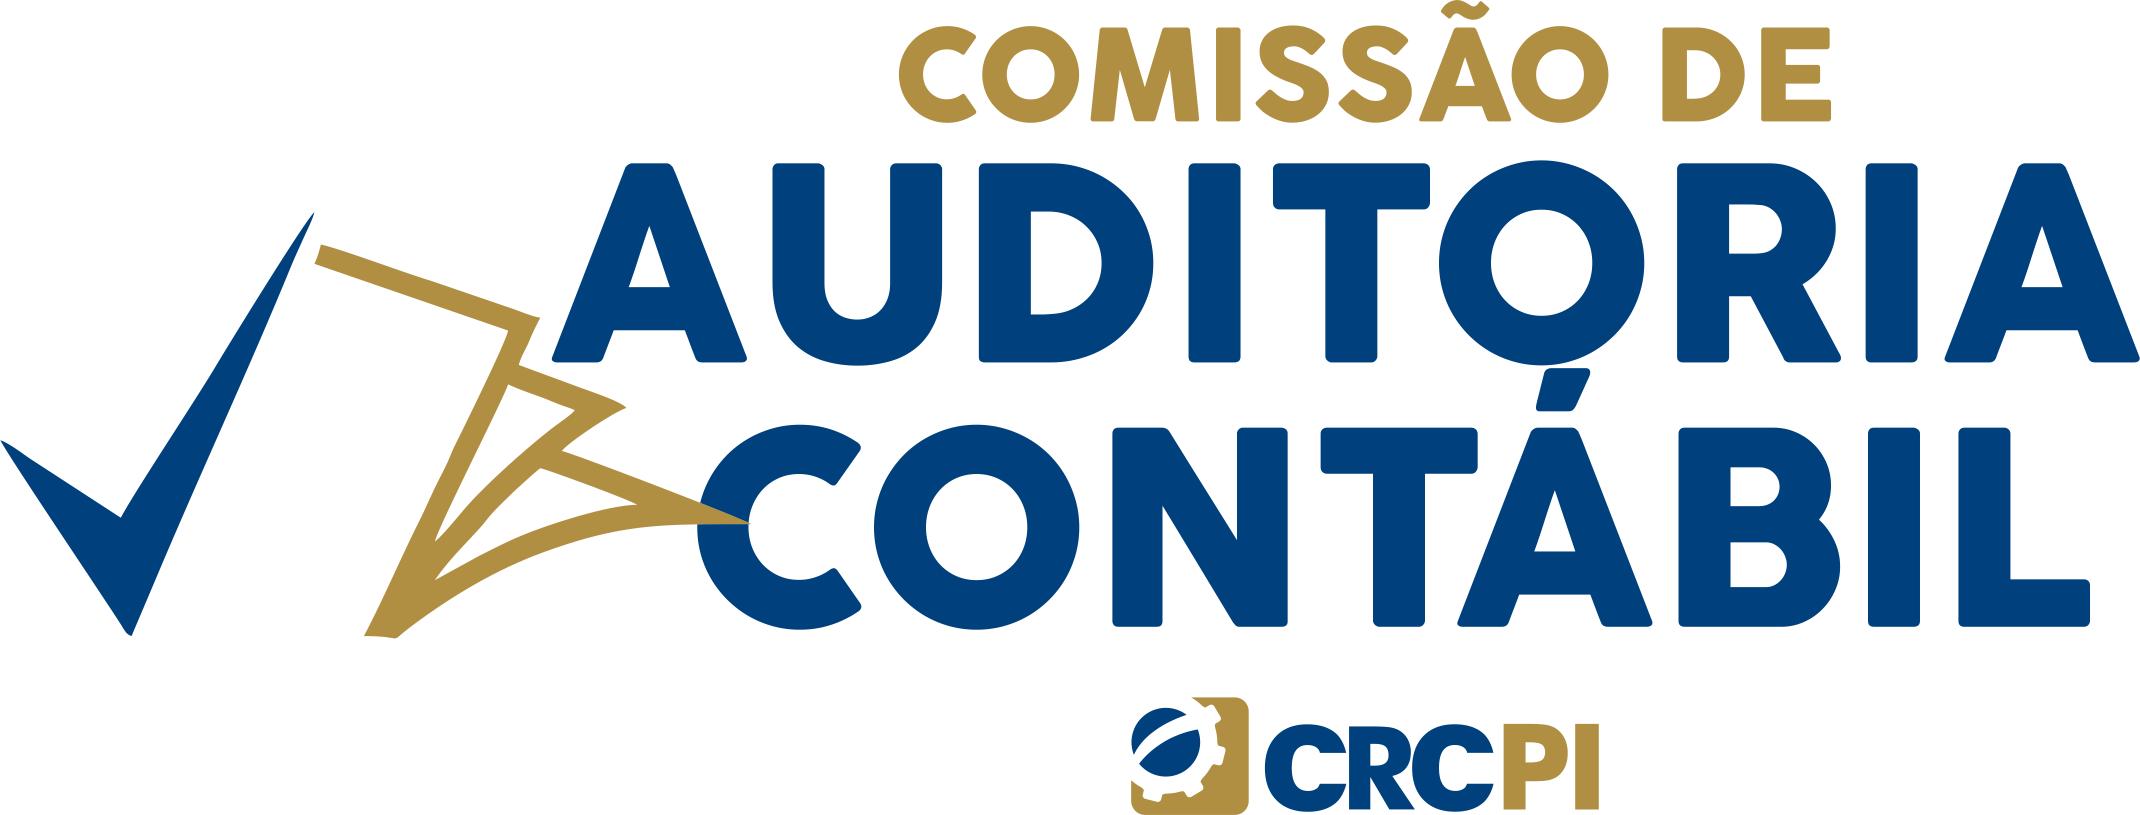 Comissao_Auditoria Contabil